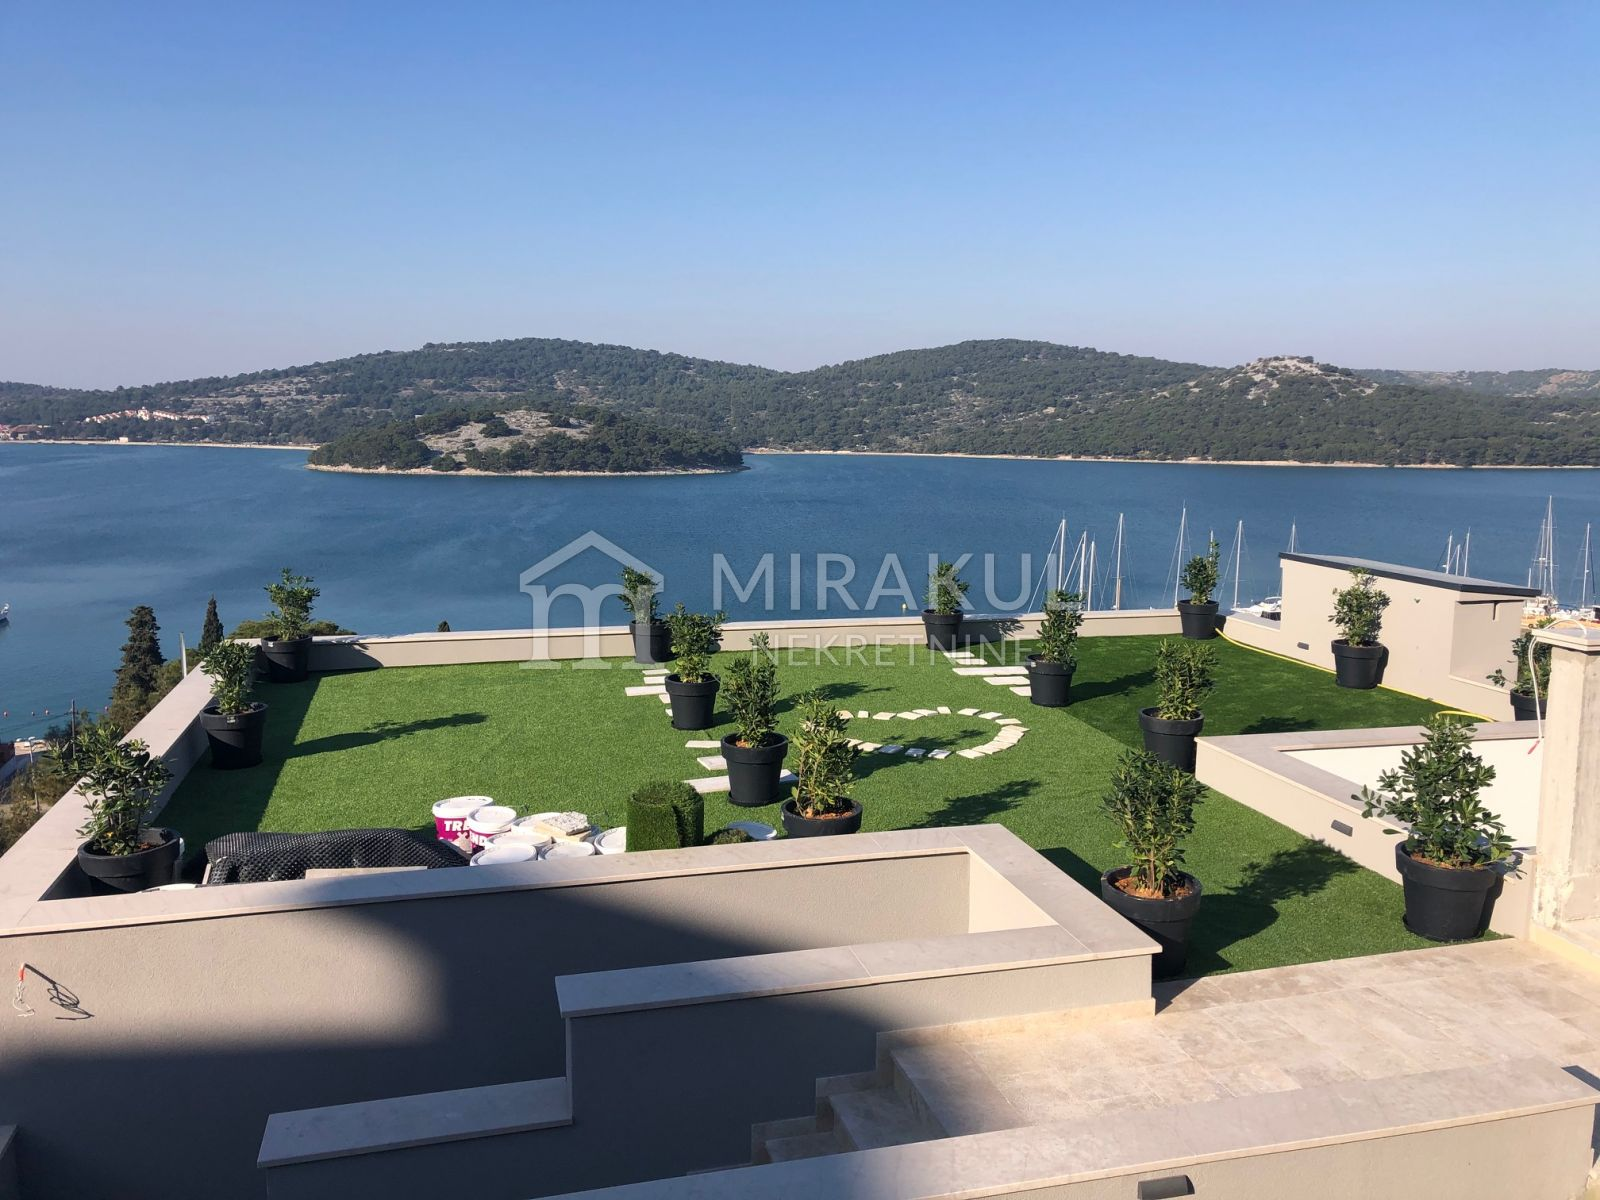 Immobilien Tisno, Verkauf von exklusive Villa mit Pool und Meerblick, KT - 532, Mirakul Immobilien 1